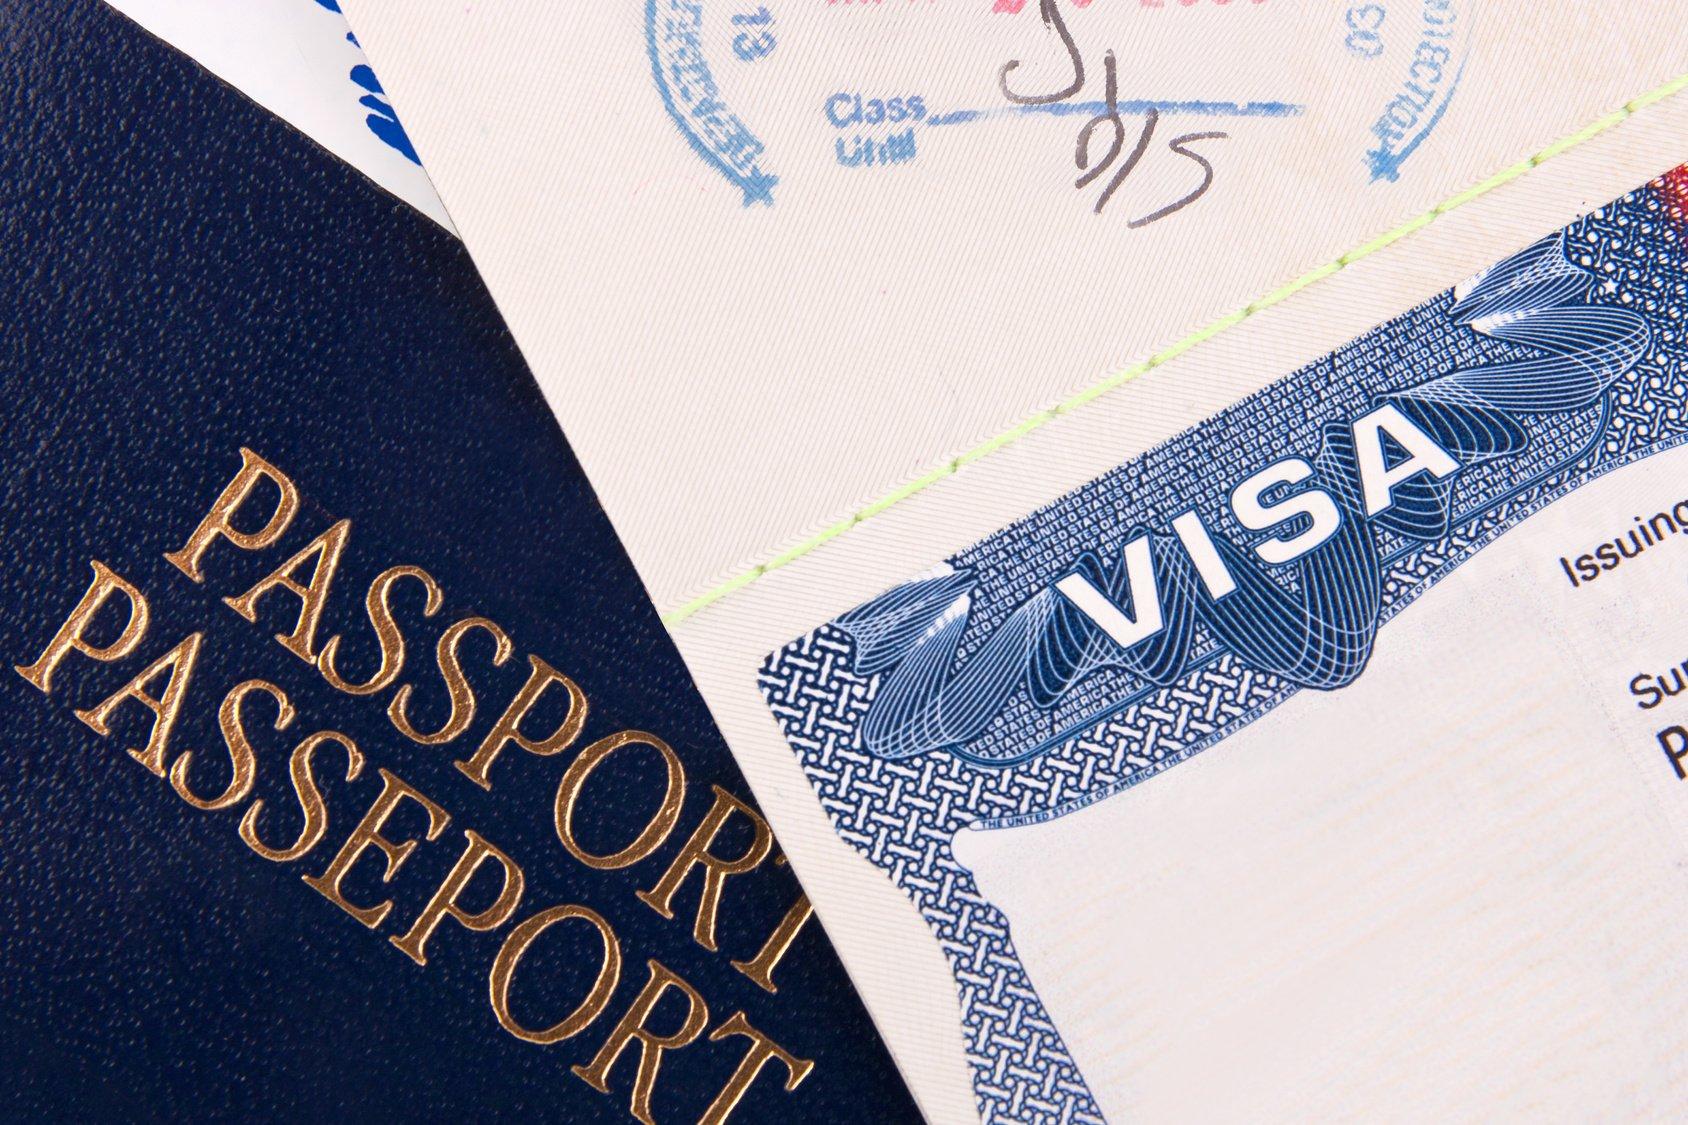 澳廣國家電台(ABC RN)2021年7月30日透露,移民部長霍克(Alex Hawke)已發佈新指示,對符合技術簽證條件的香港公民在申請簽證時,移民局將最優先考慮。(Fotolia)